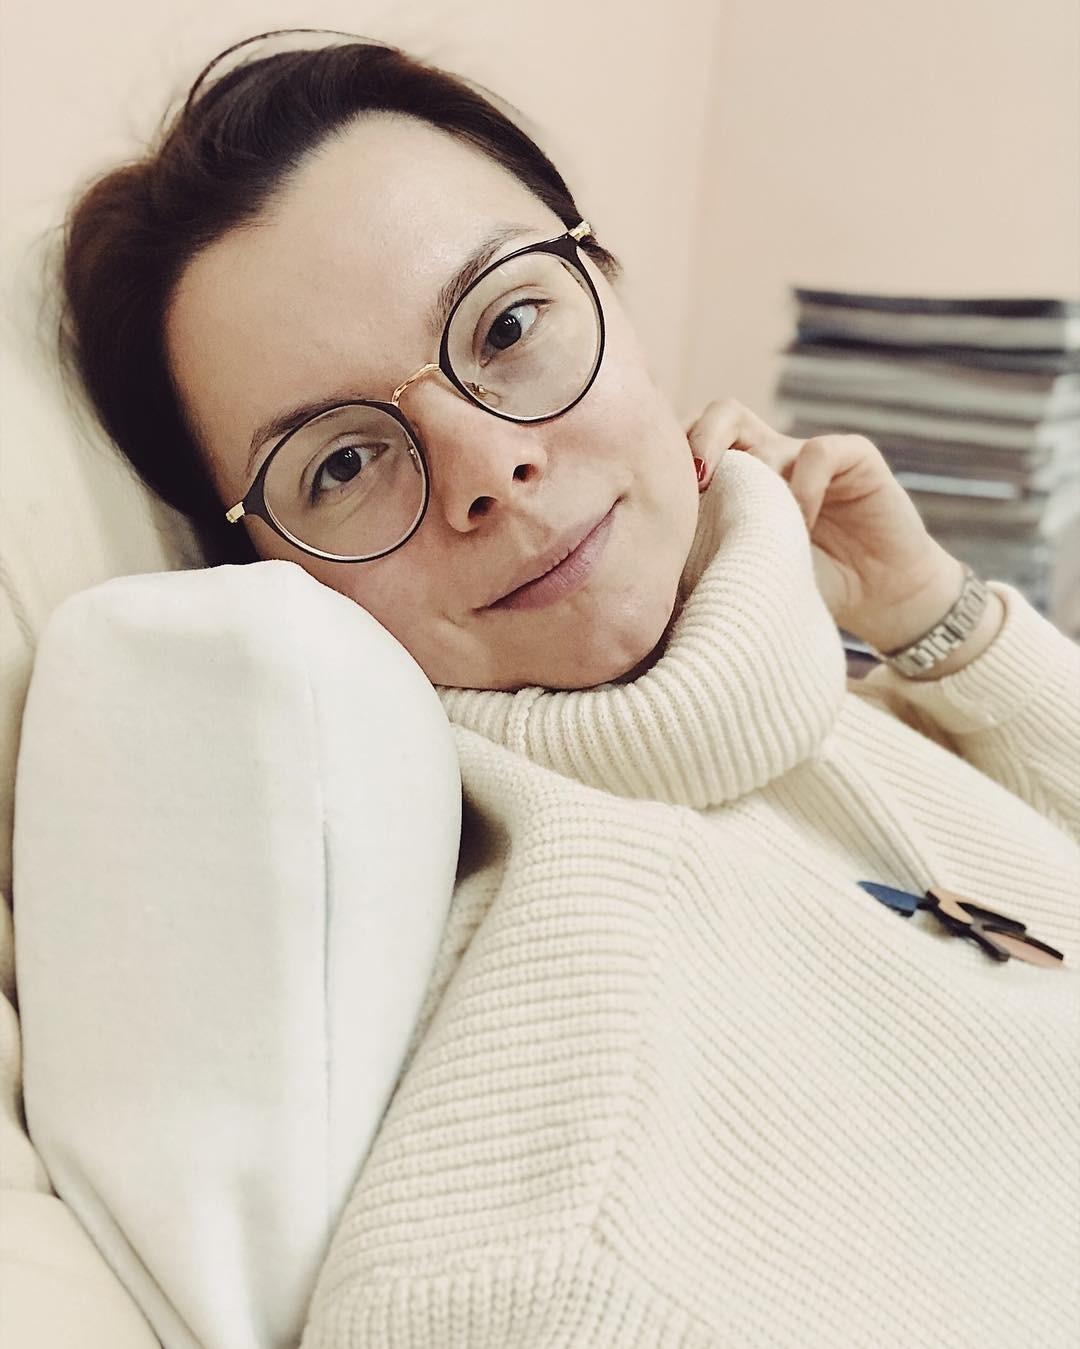 Брухунова рассказала, что насвоем опыте знает, что такое проблемы скожей. Раньше Татьяна скрывала недостатки спомощью декоративной косметики, но встреча сграмотным косметологом измени...